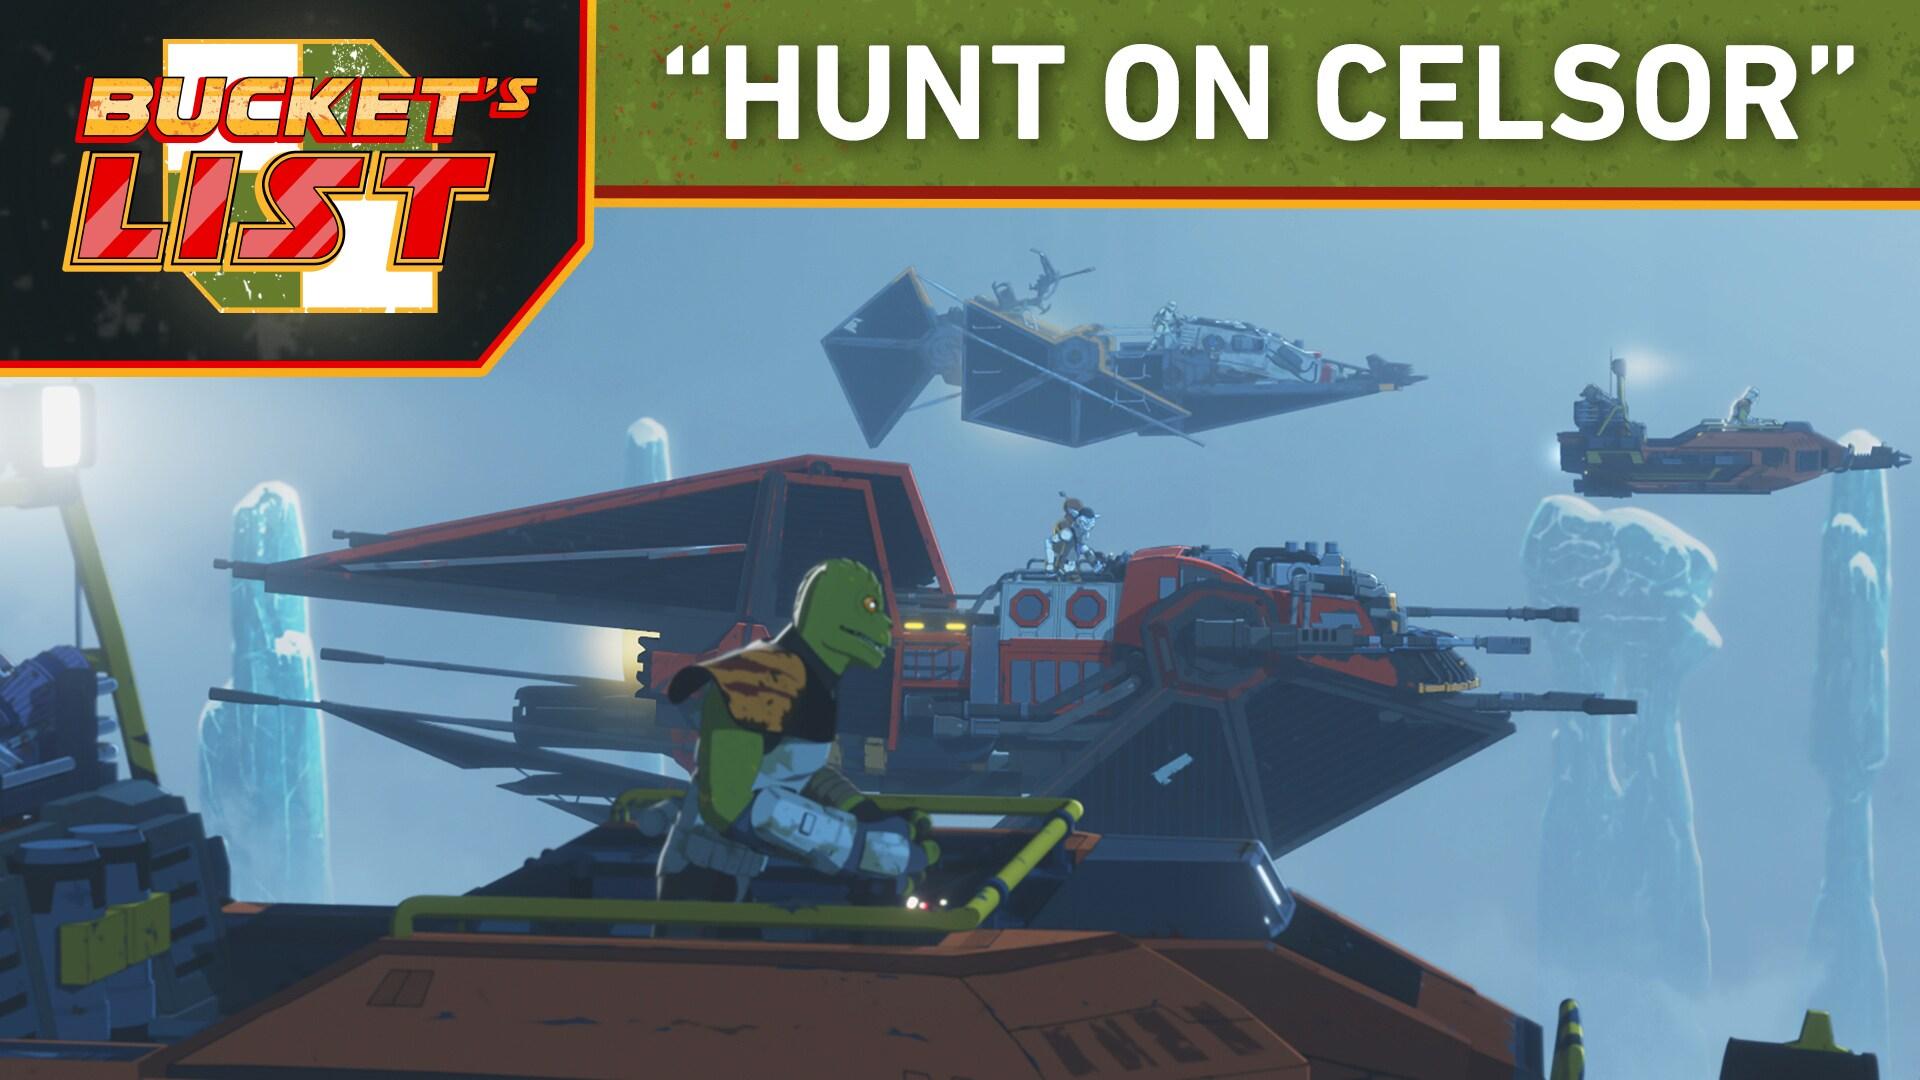 """Bucket's List: """"Hunt on Celsor 3"""" - Star Wars Resistance"""